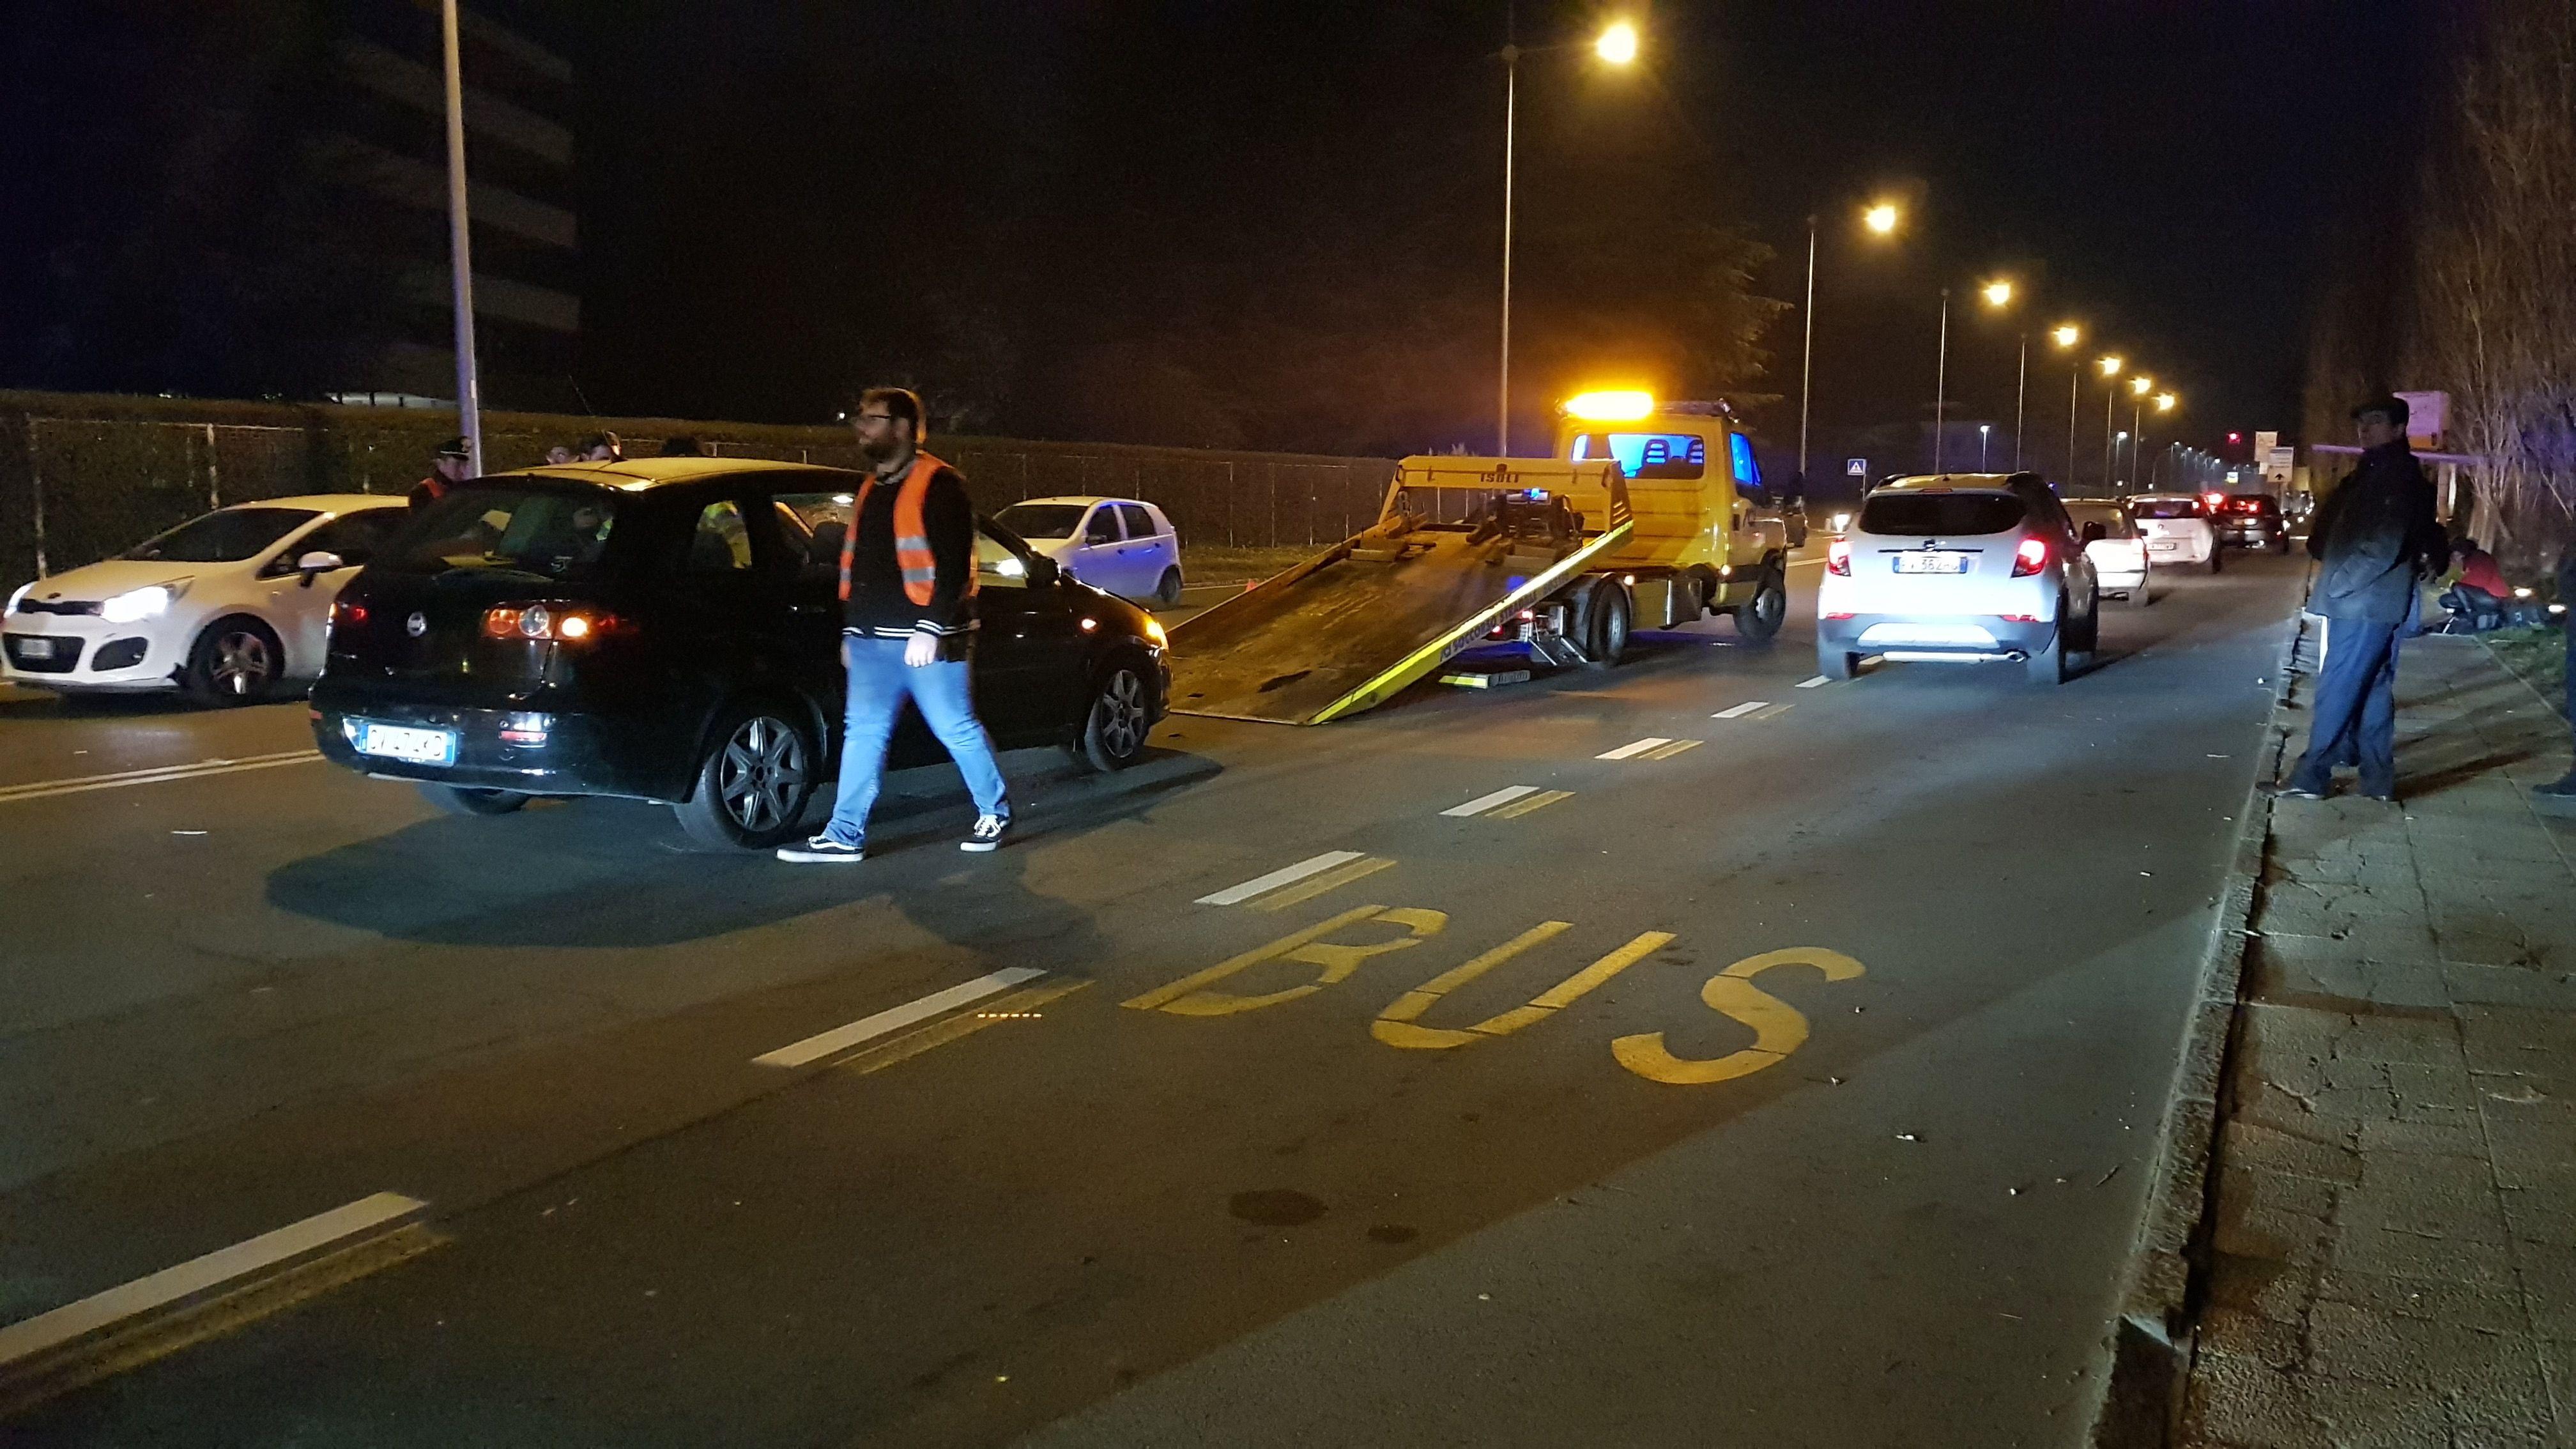 IVREA - Auto travolge pedoni in via Jervis: quattro feriti di cui due gravi - FOTO E VIDEO